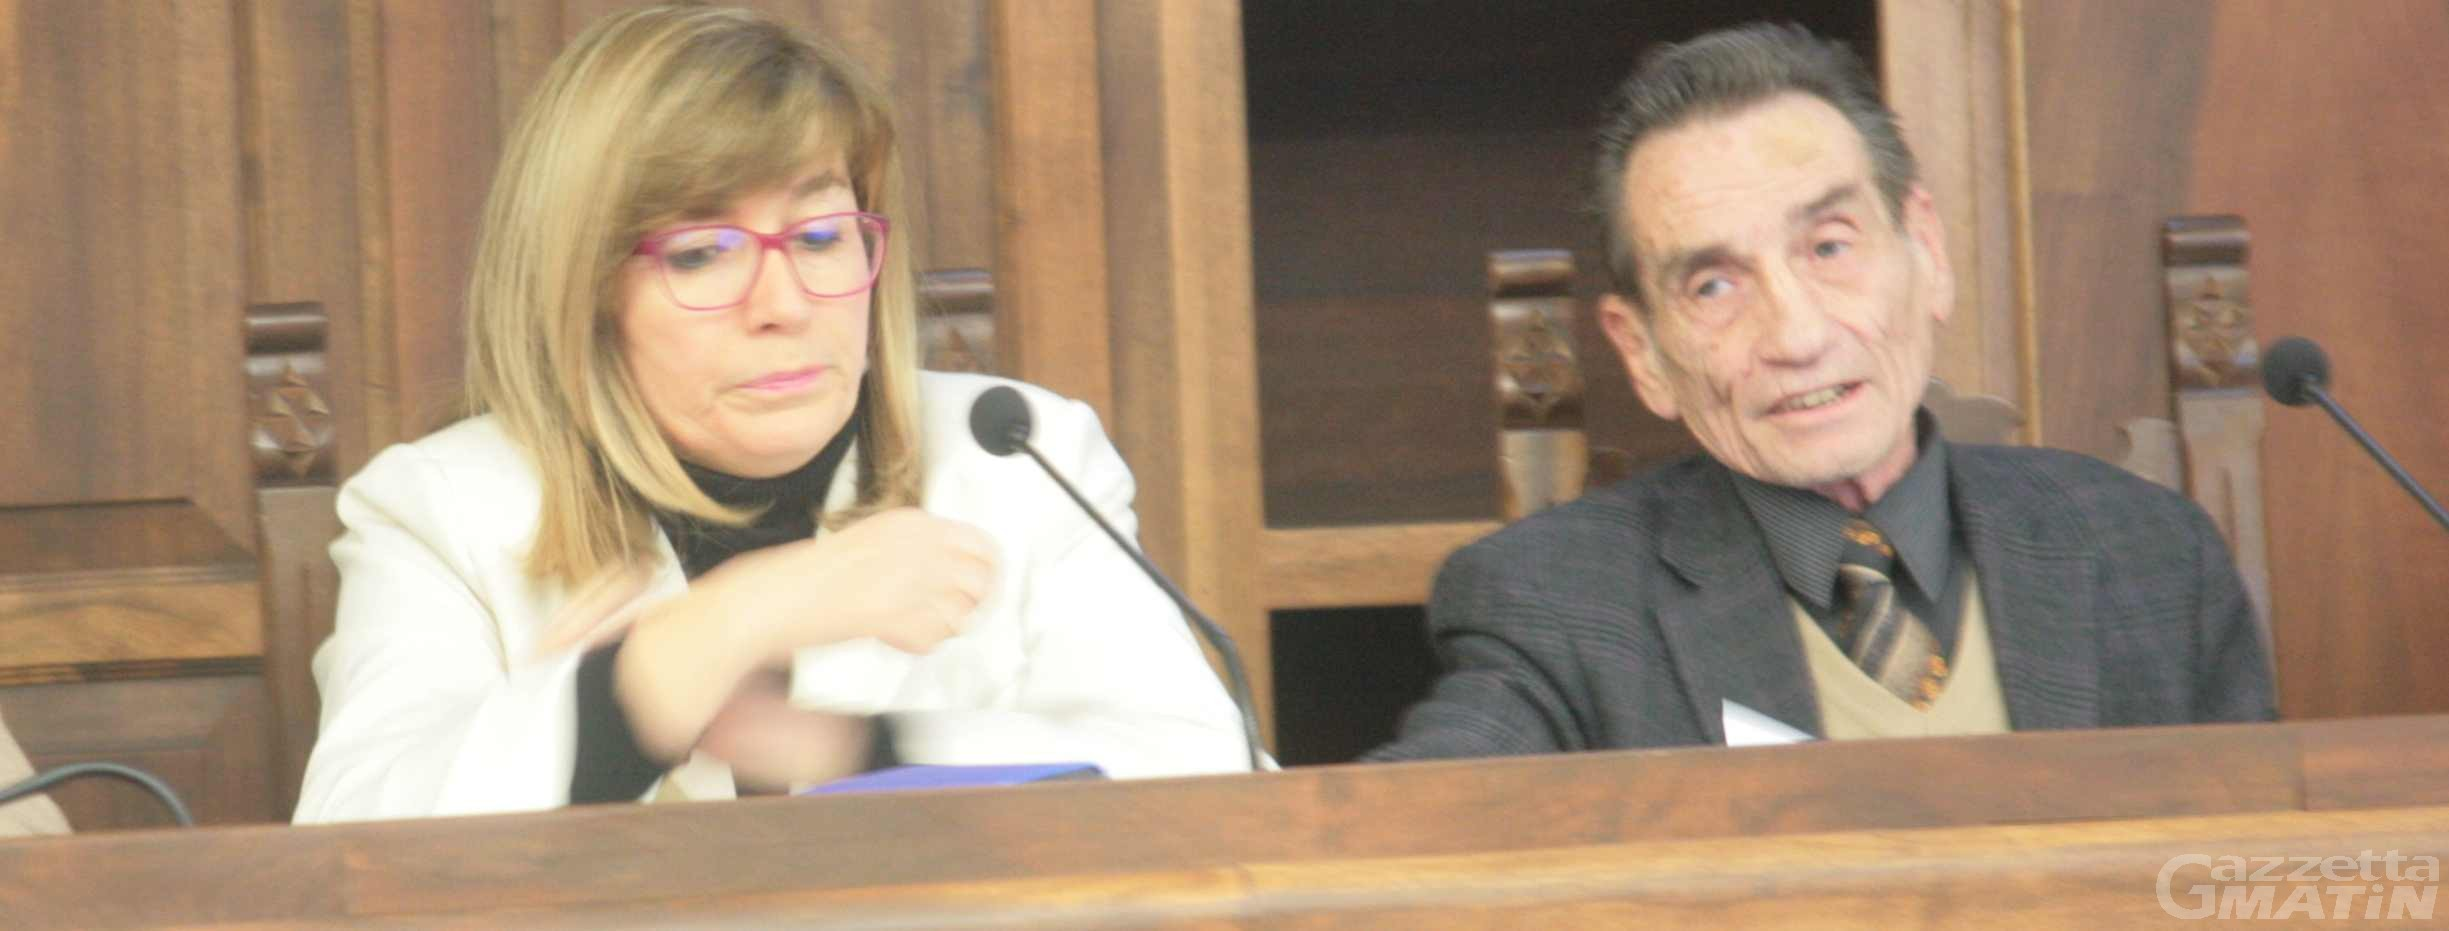 Fisco, Verrès introduce l'Irpef per far quadrare il bilancio